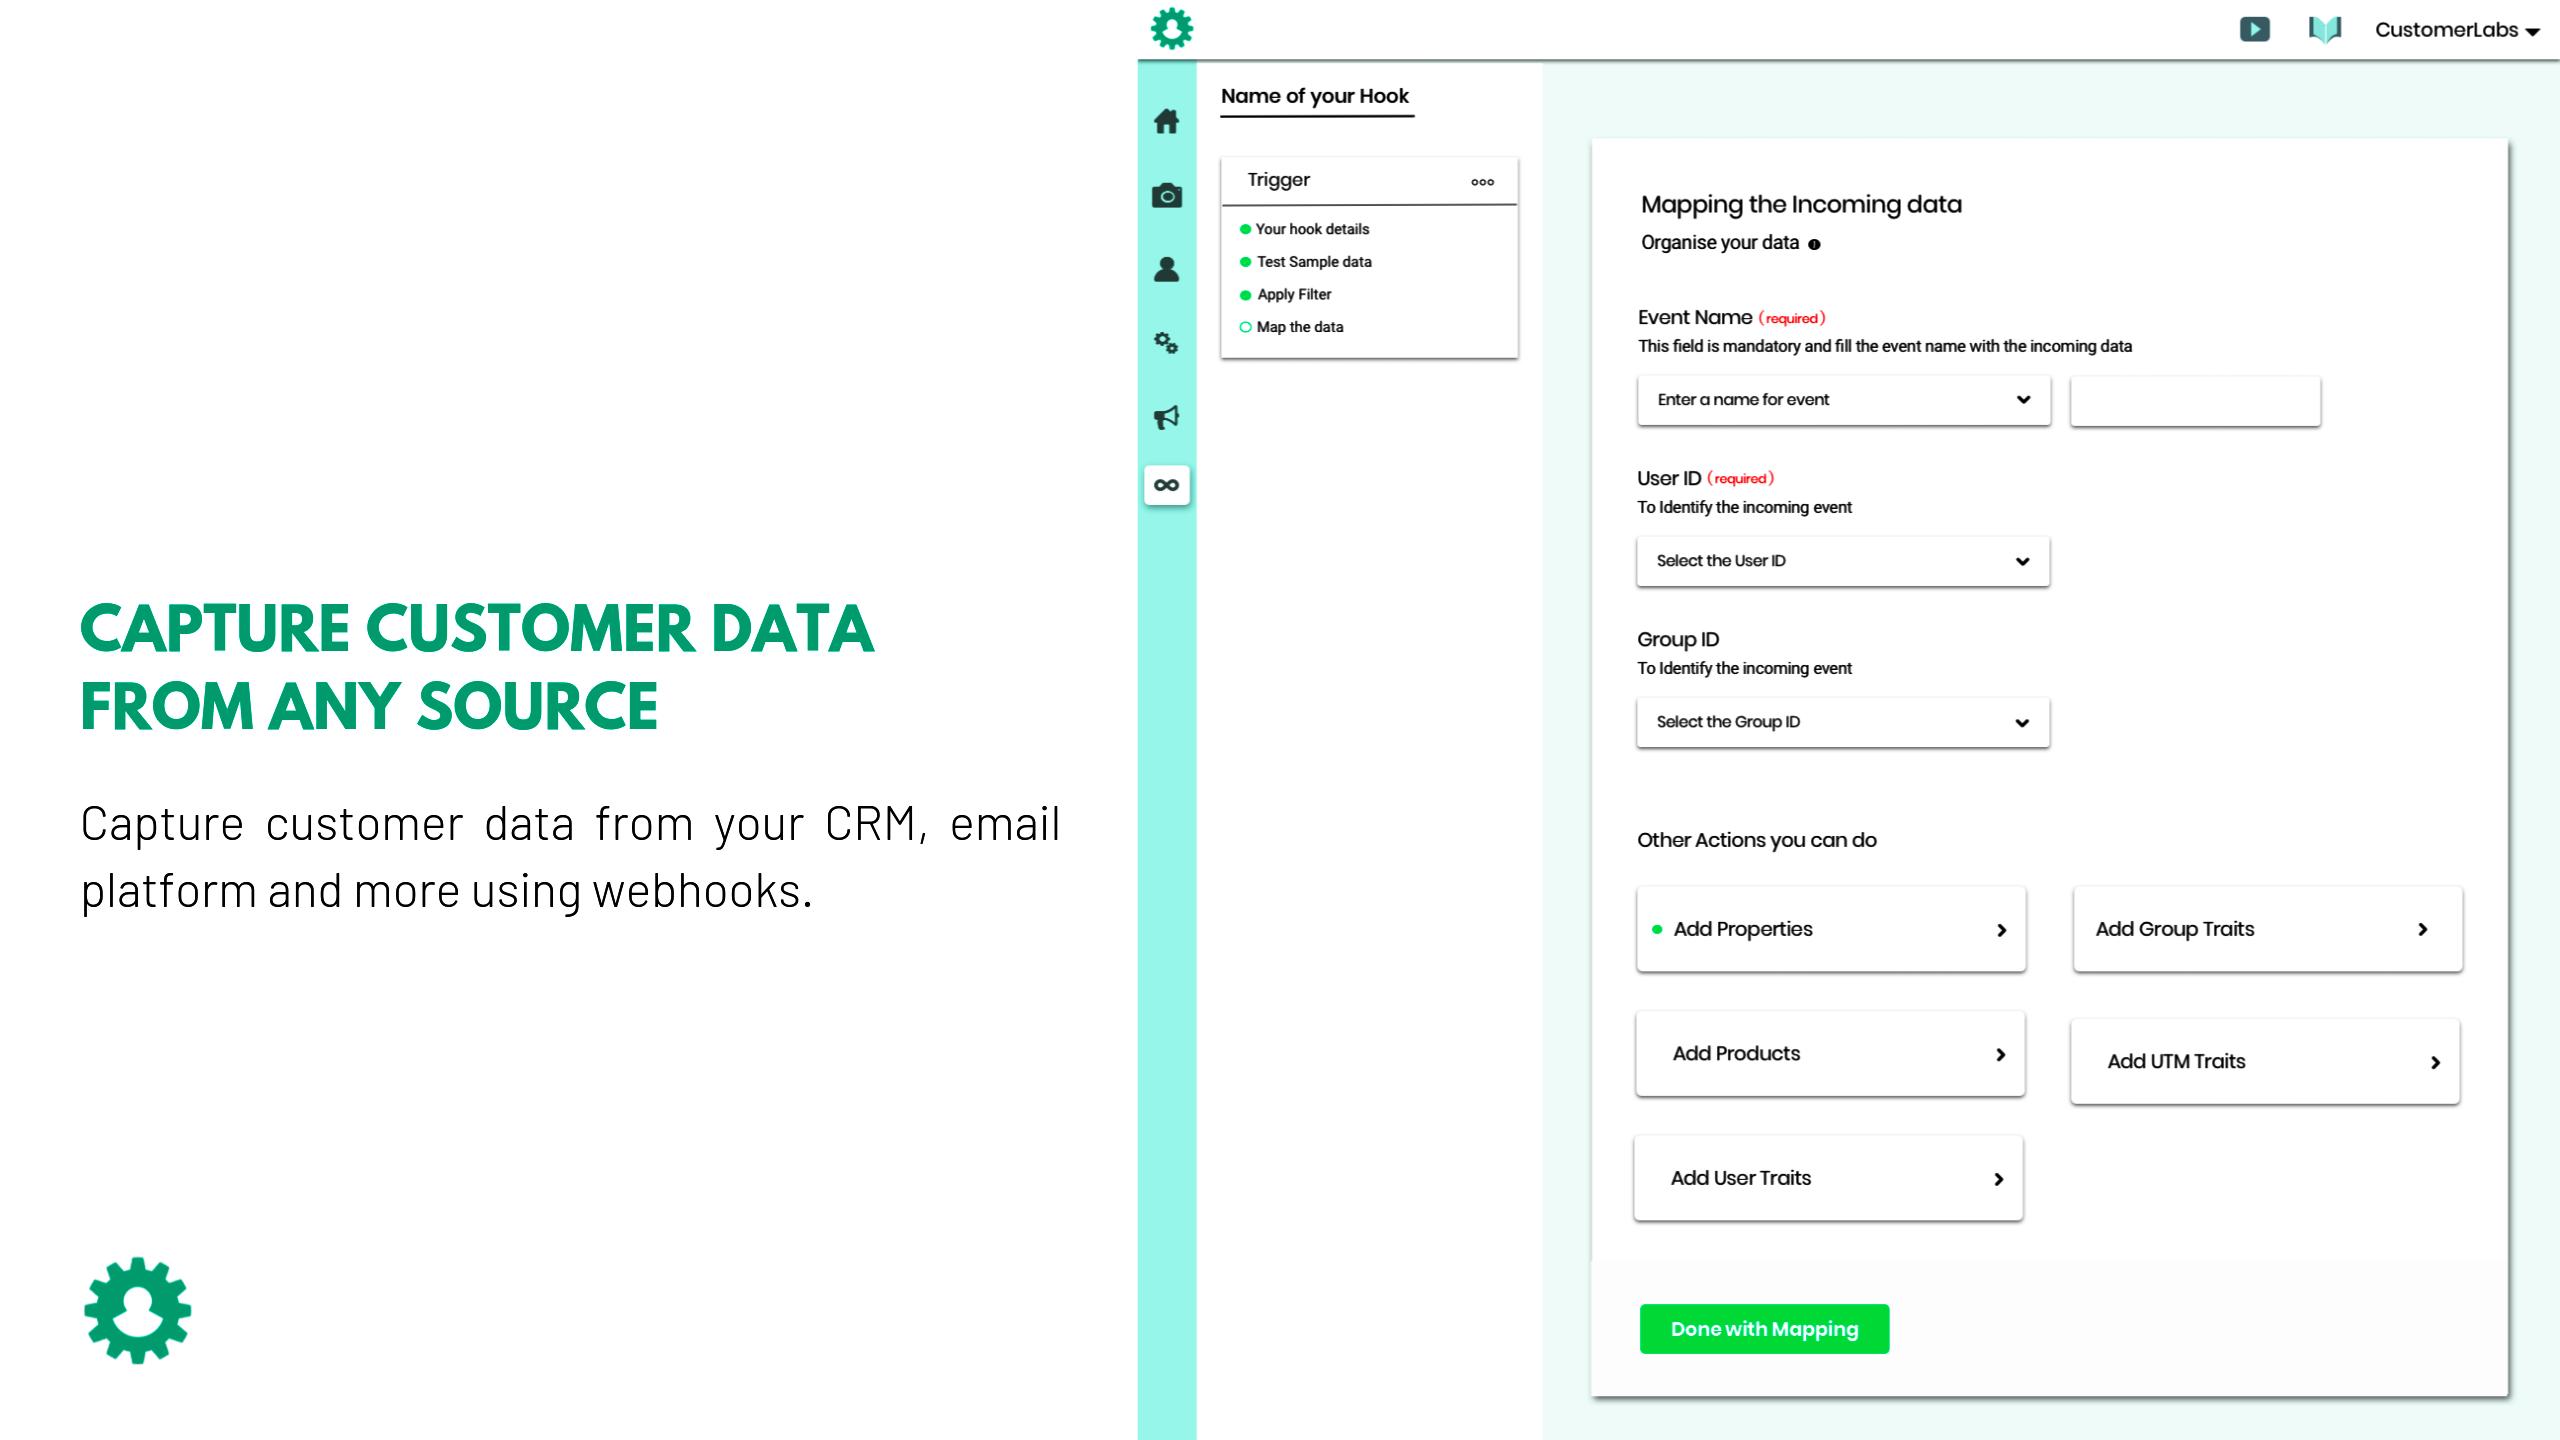 Erfassung und Zuordnung von Kundendaten aus mehreren Quellen